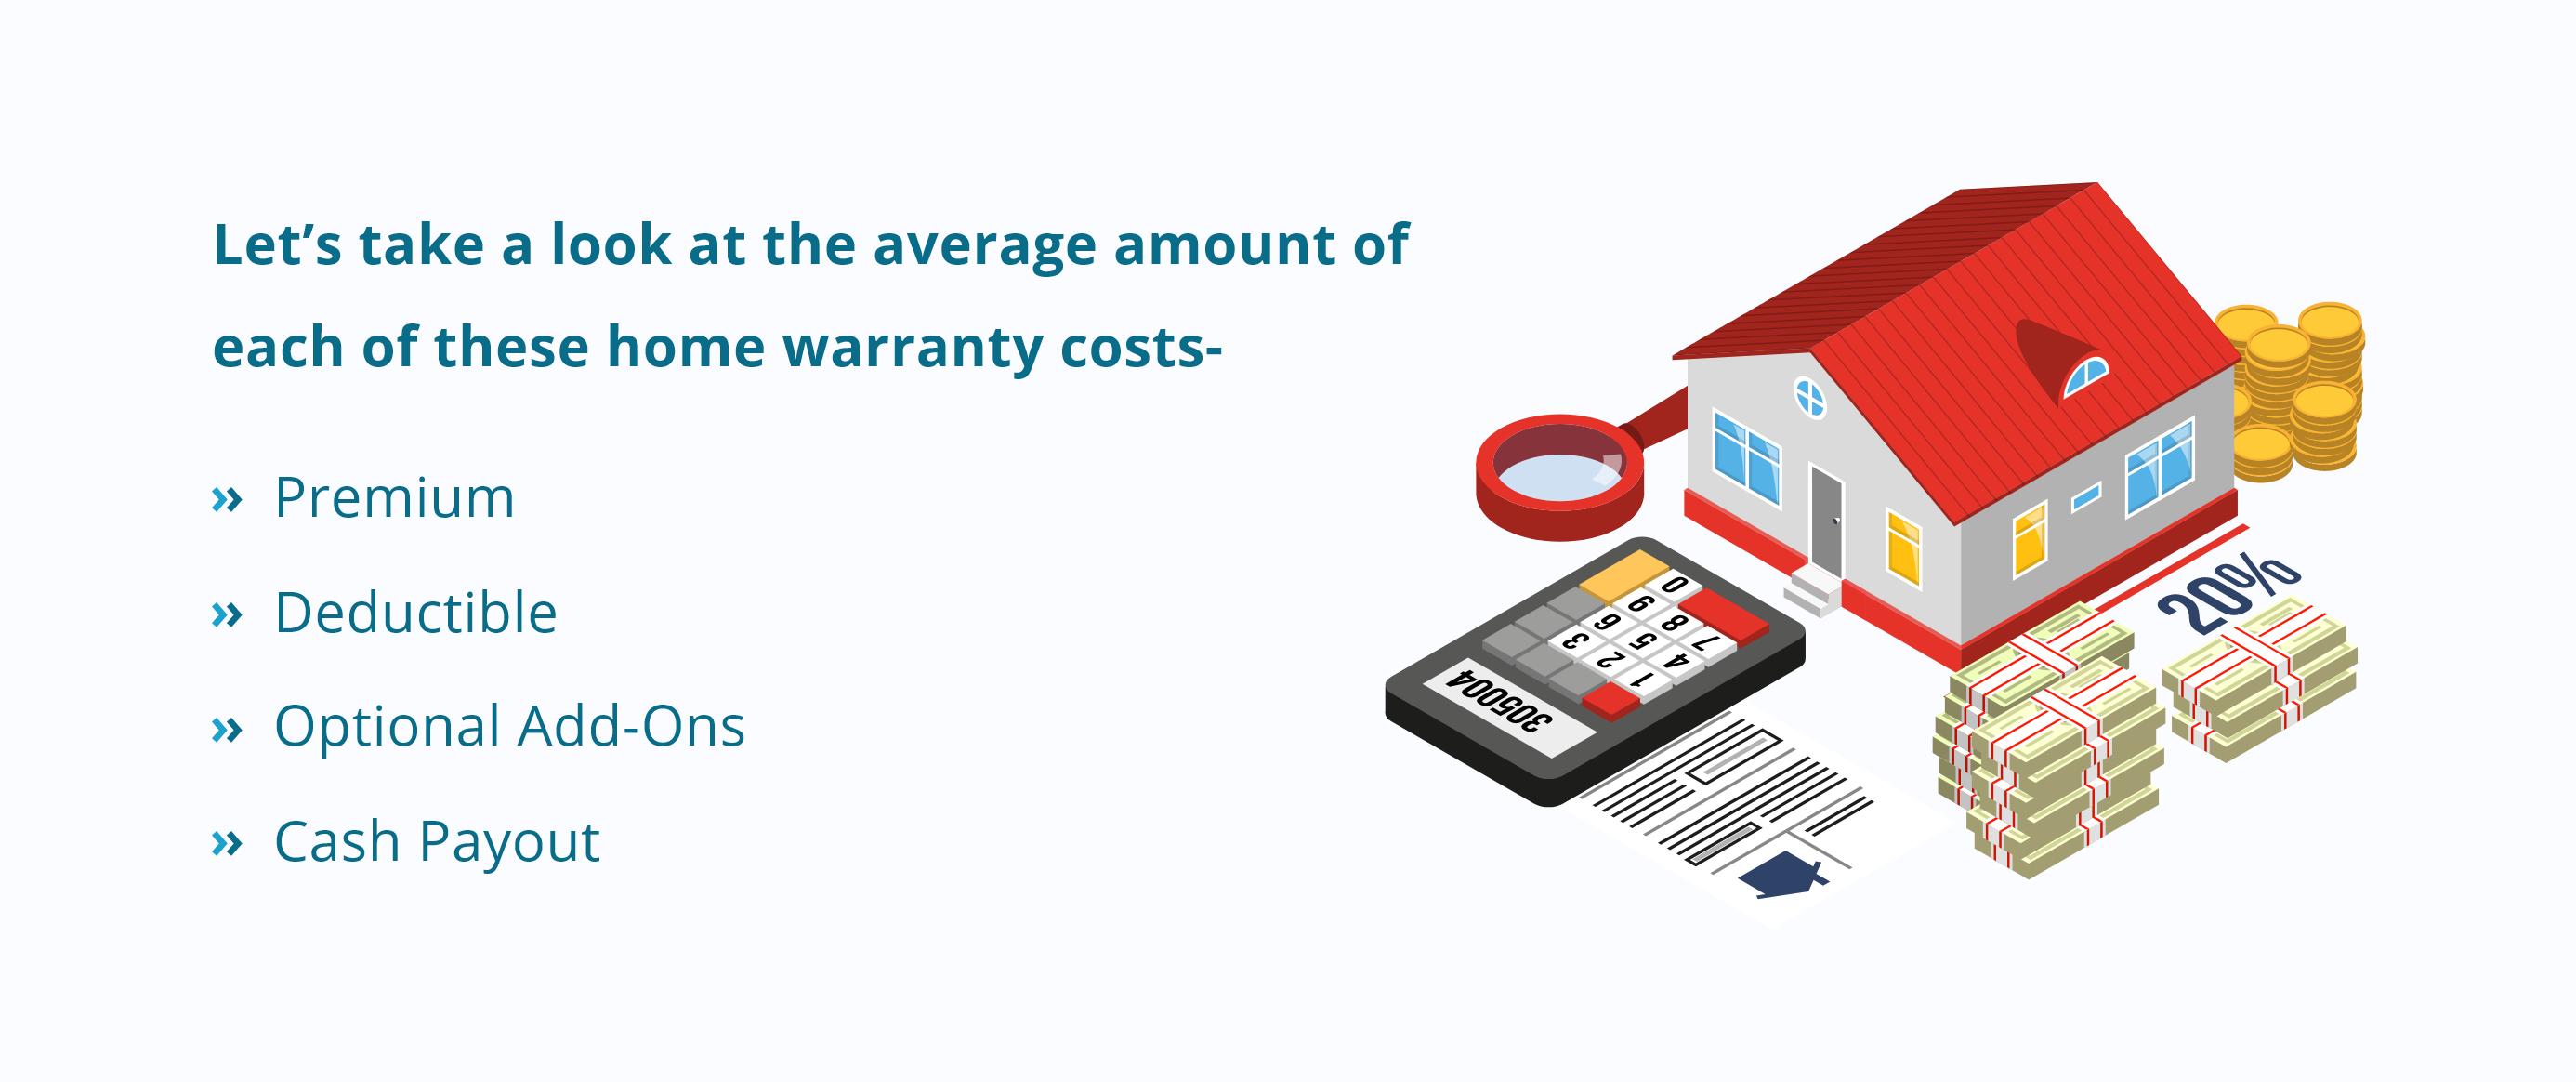 home warranty cost breakdown